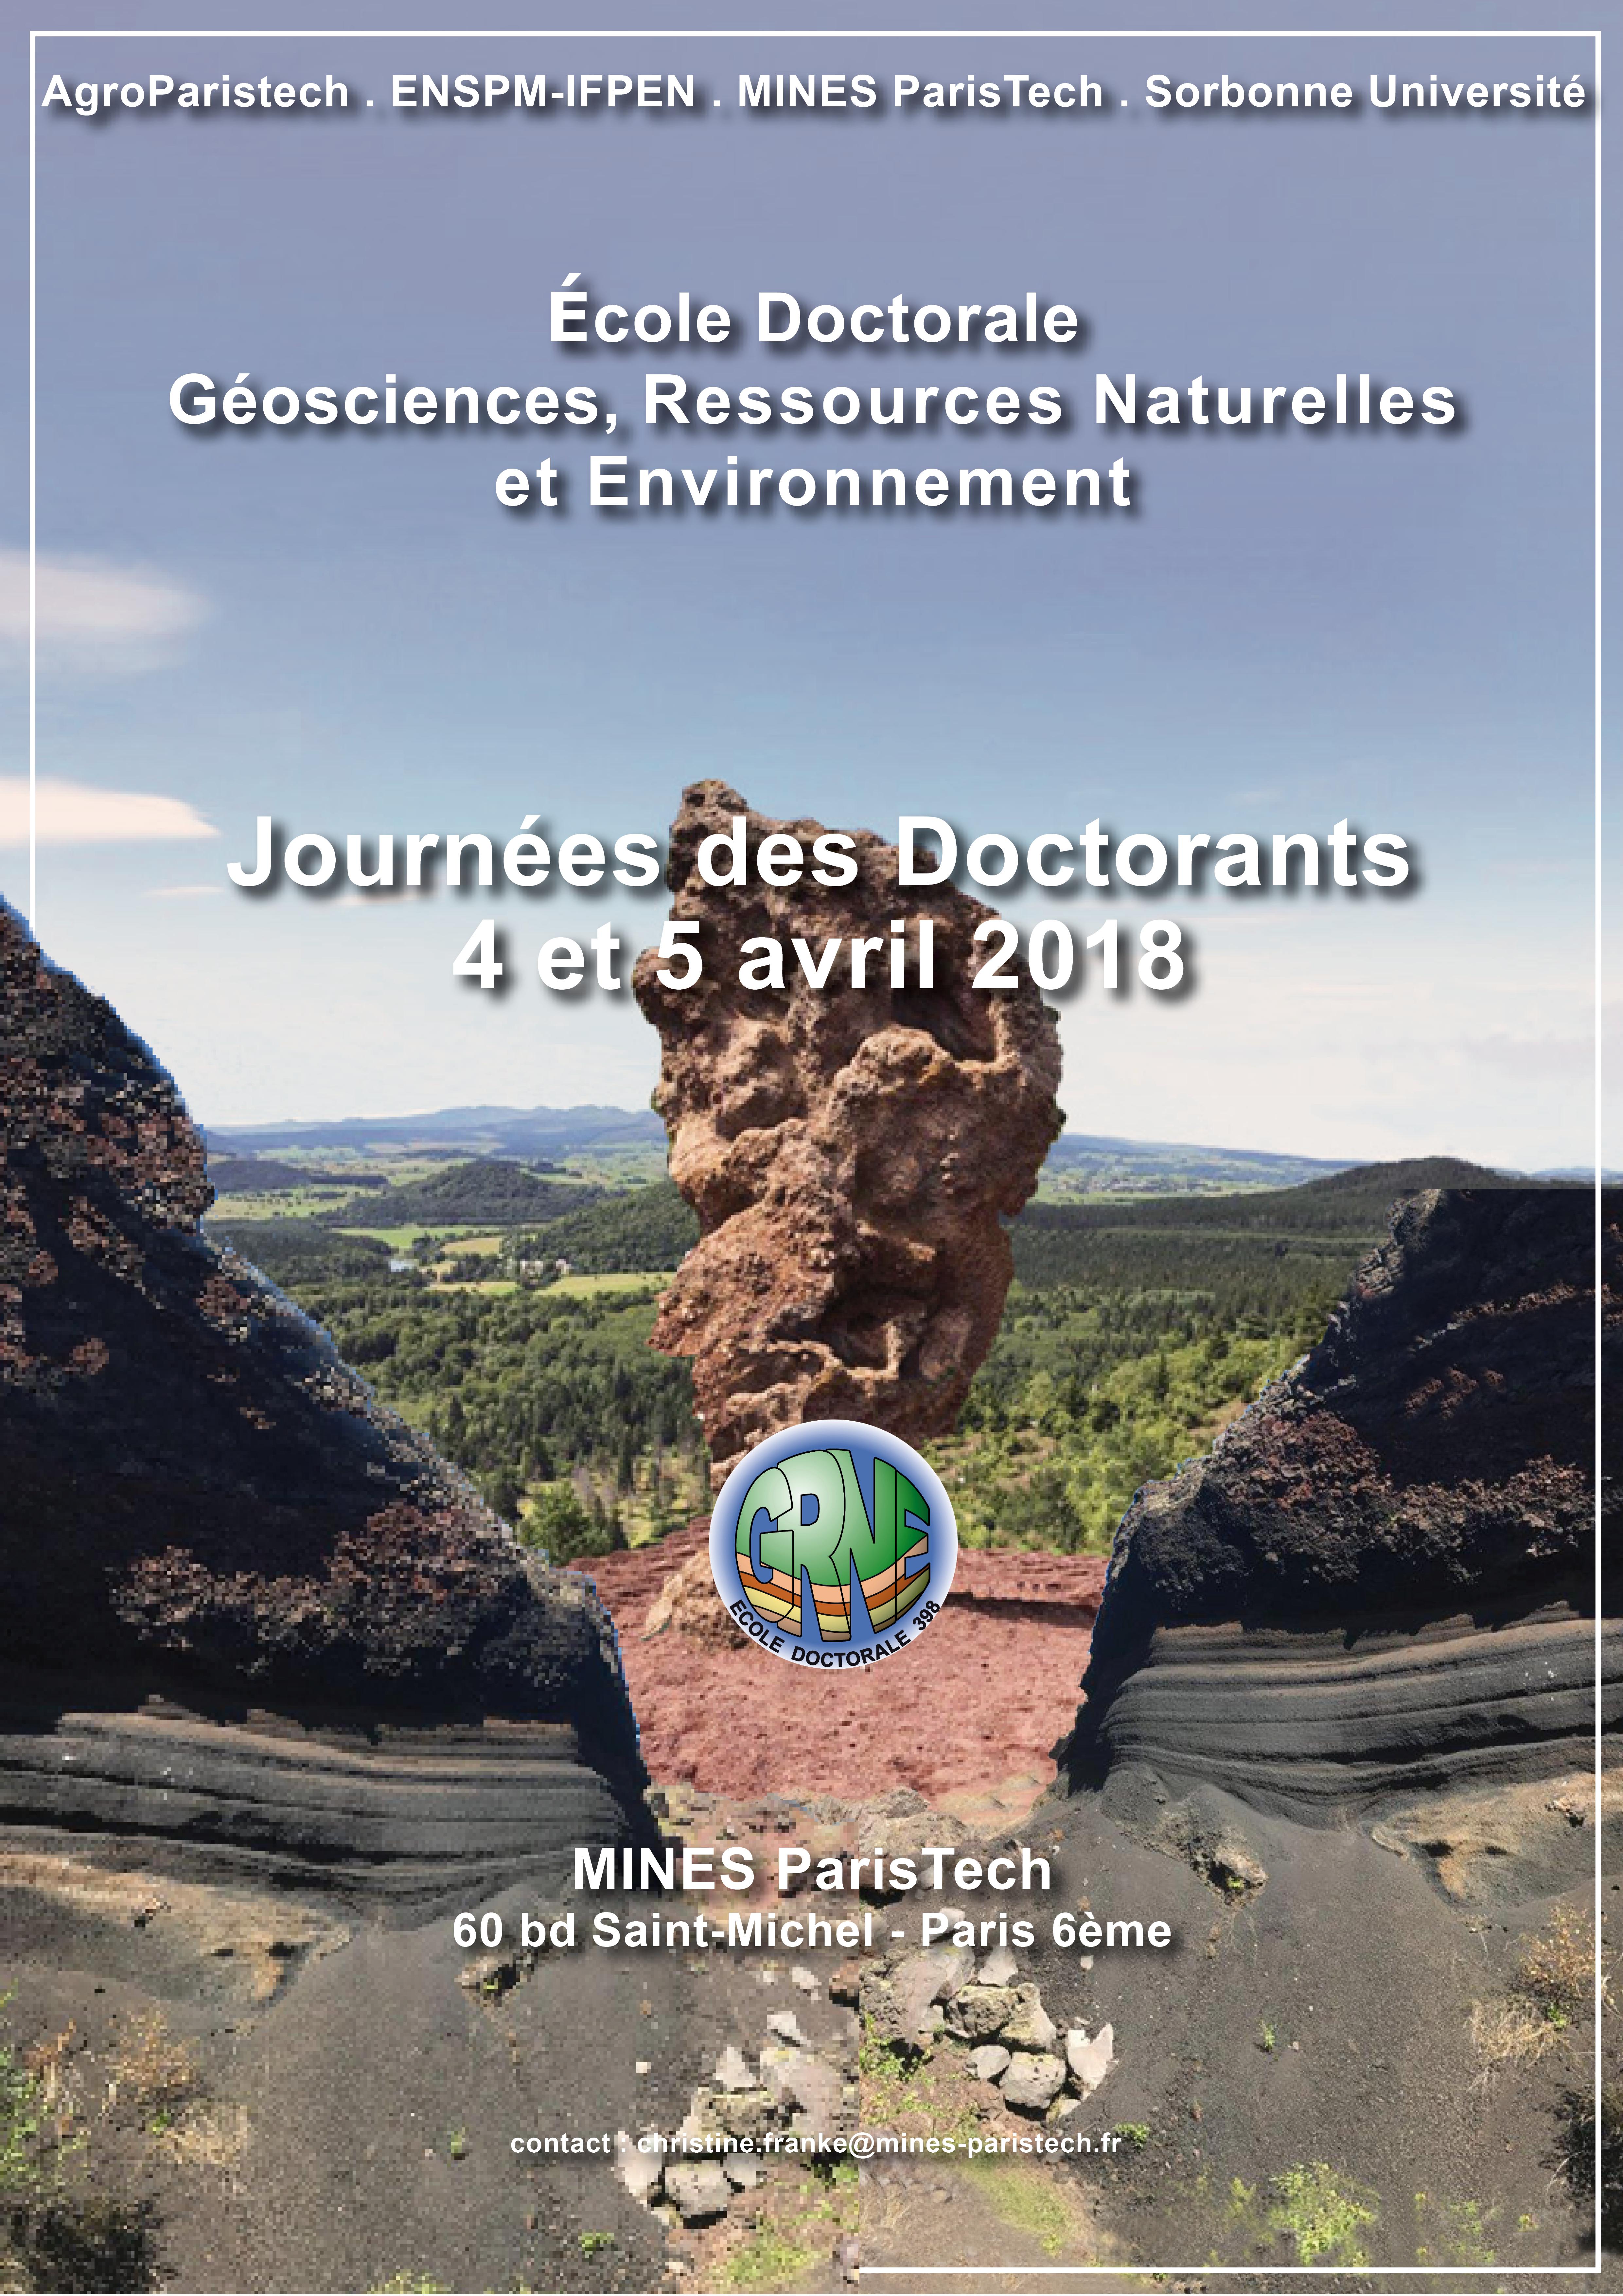 Journées des Doctorants de l'ED Géosciences, Ressources Naturelles et Environnement